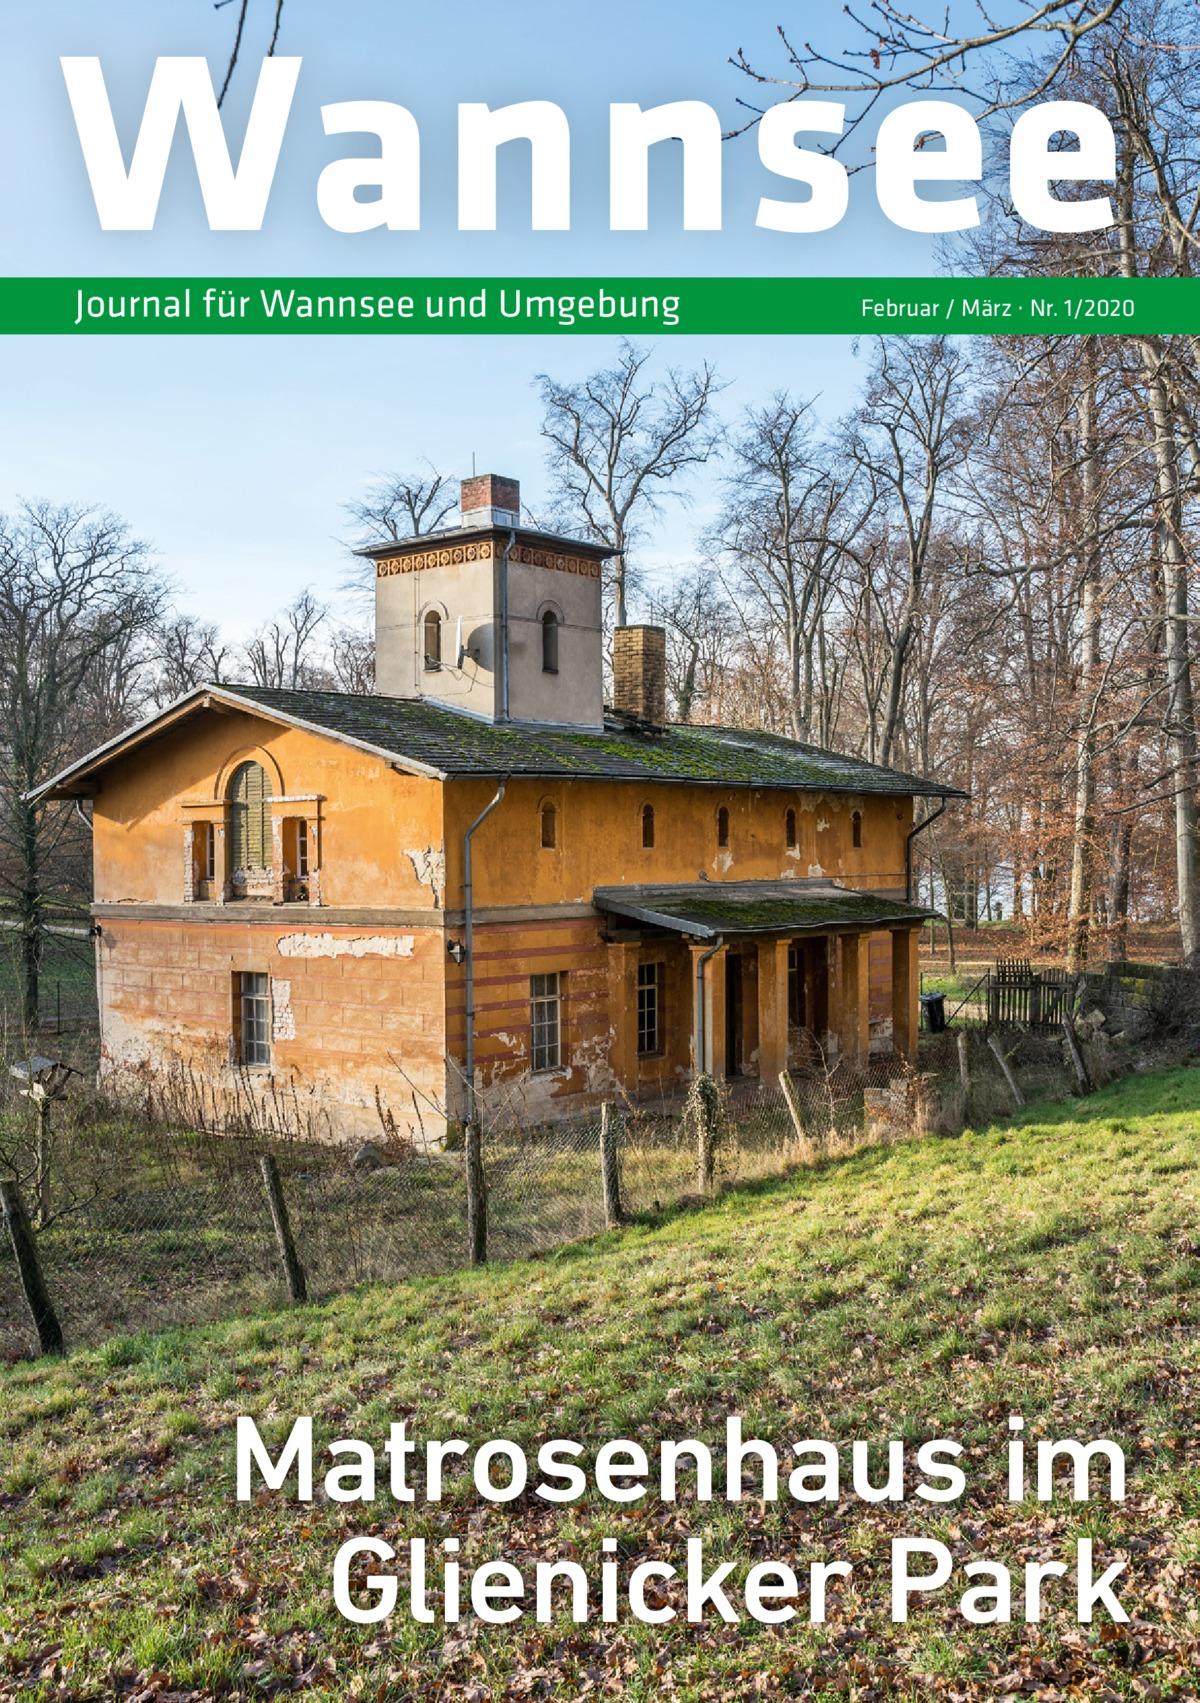 Wannsee Journal für Wannsee und Umgebung  Februar / März · Nr. 1/2020  Matrosenhaus im Glienicker Park